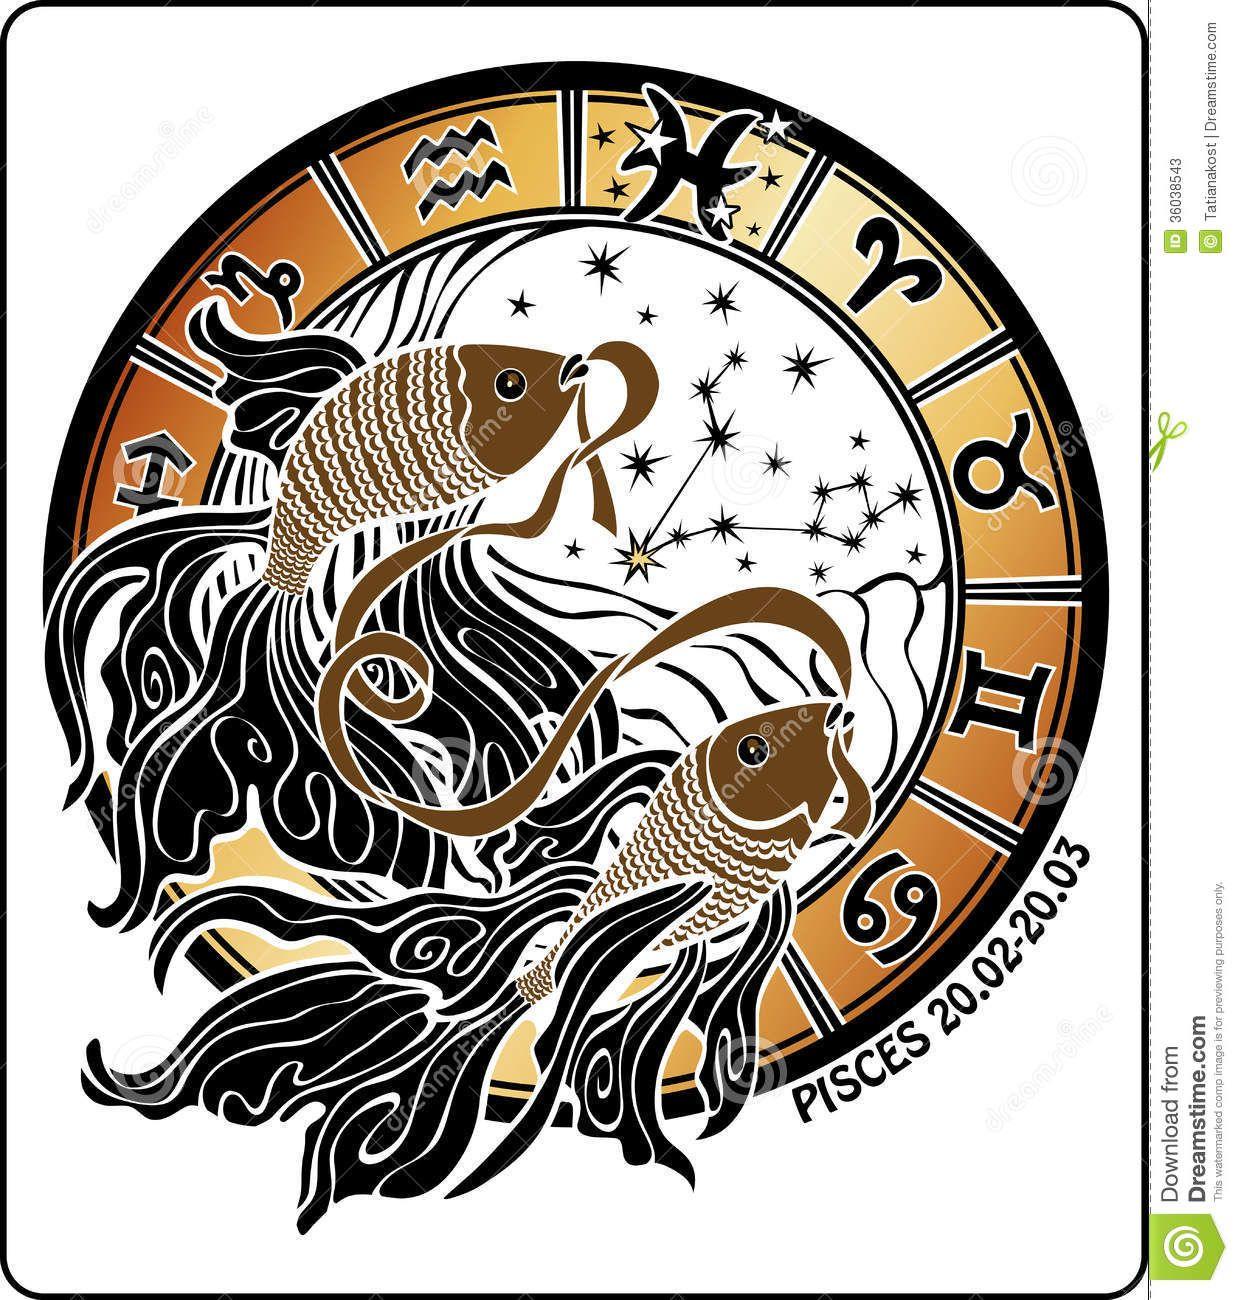 Pisces Fish Symbol Pisces Fish Symbol Imgkid The Image